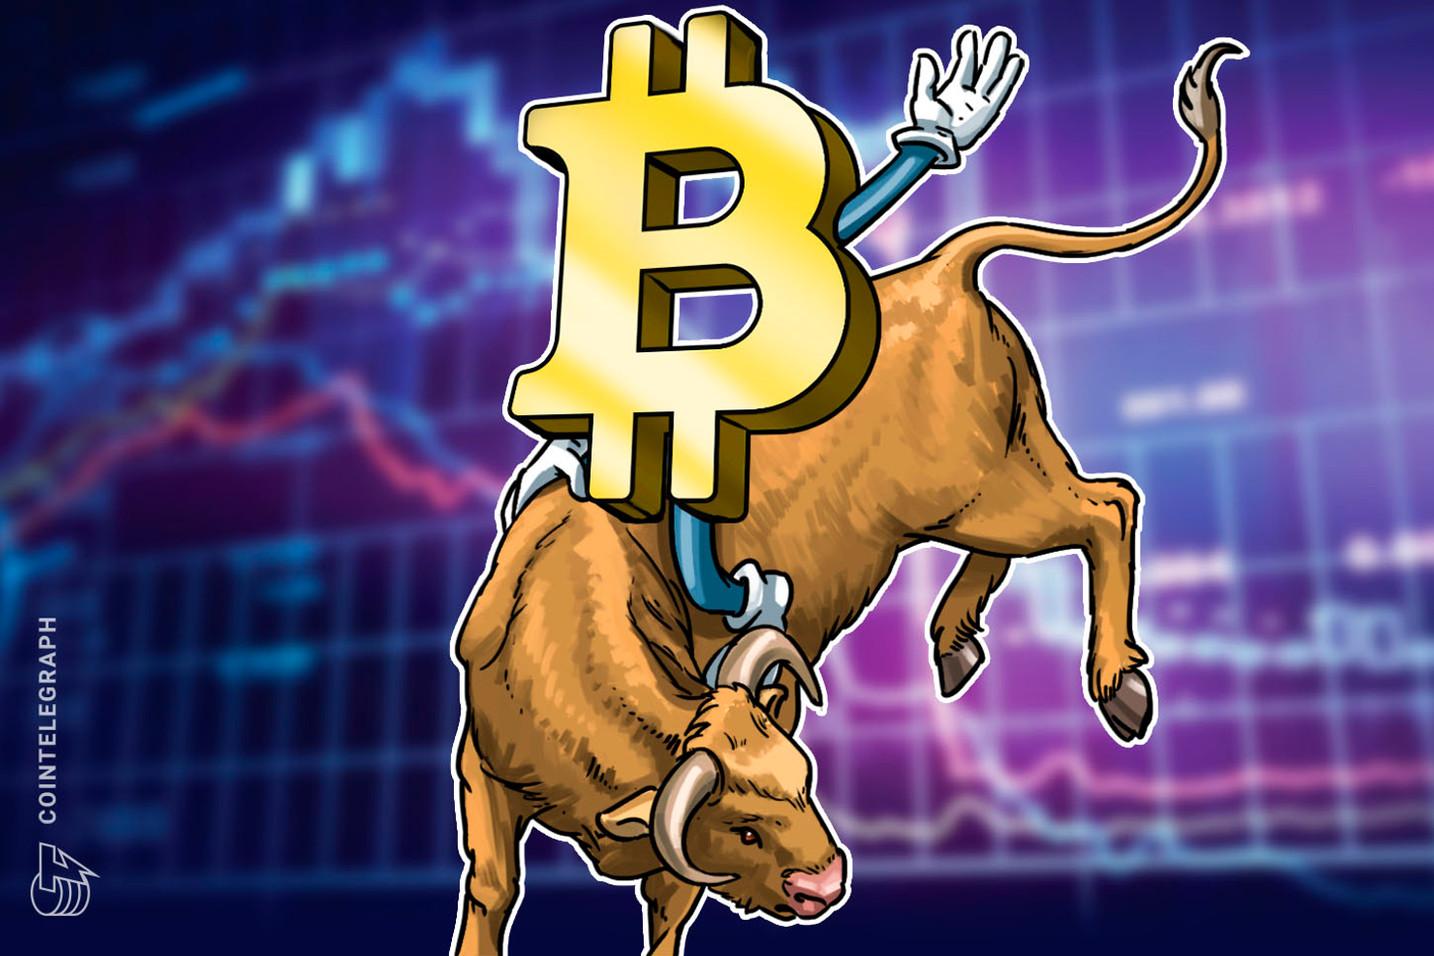 【速報】ビットコイン、1ヶ月半ぶり8000ドル回復 「強さのサイン」見せる【仮想通貨相場】